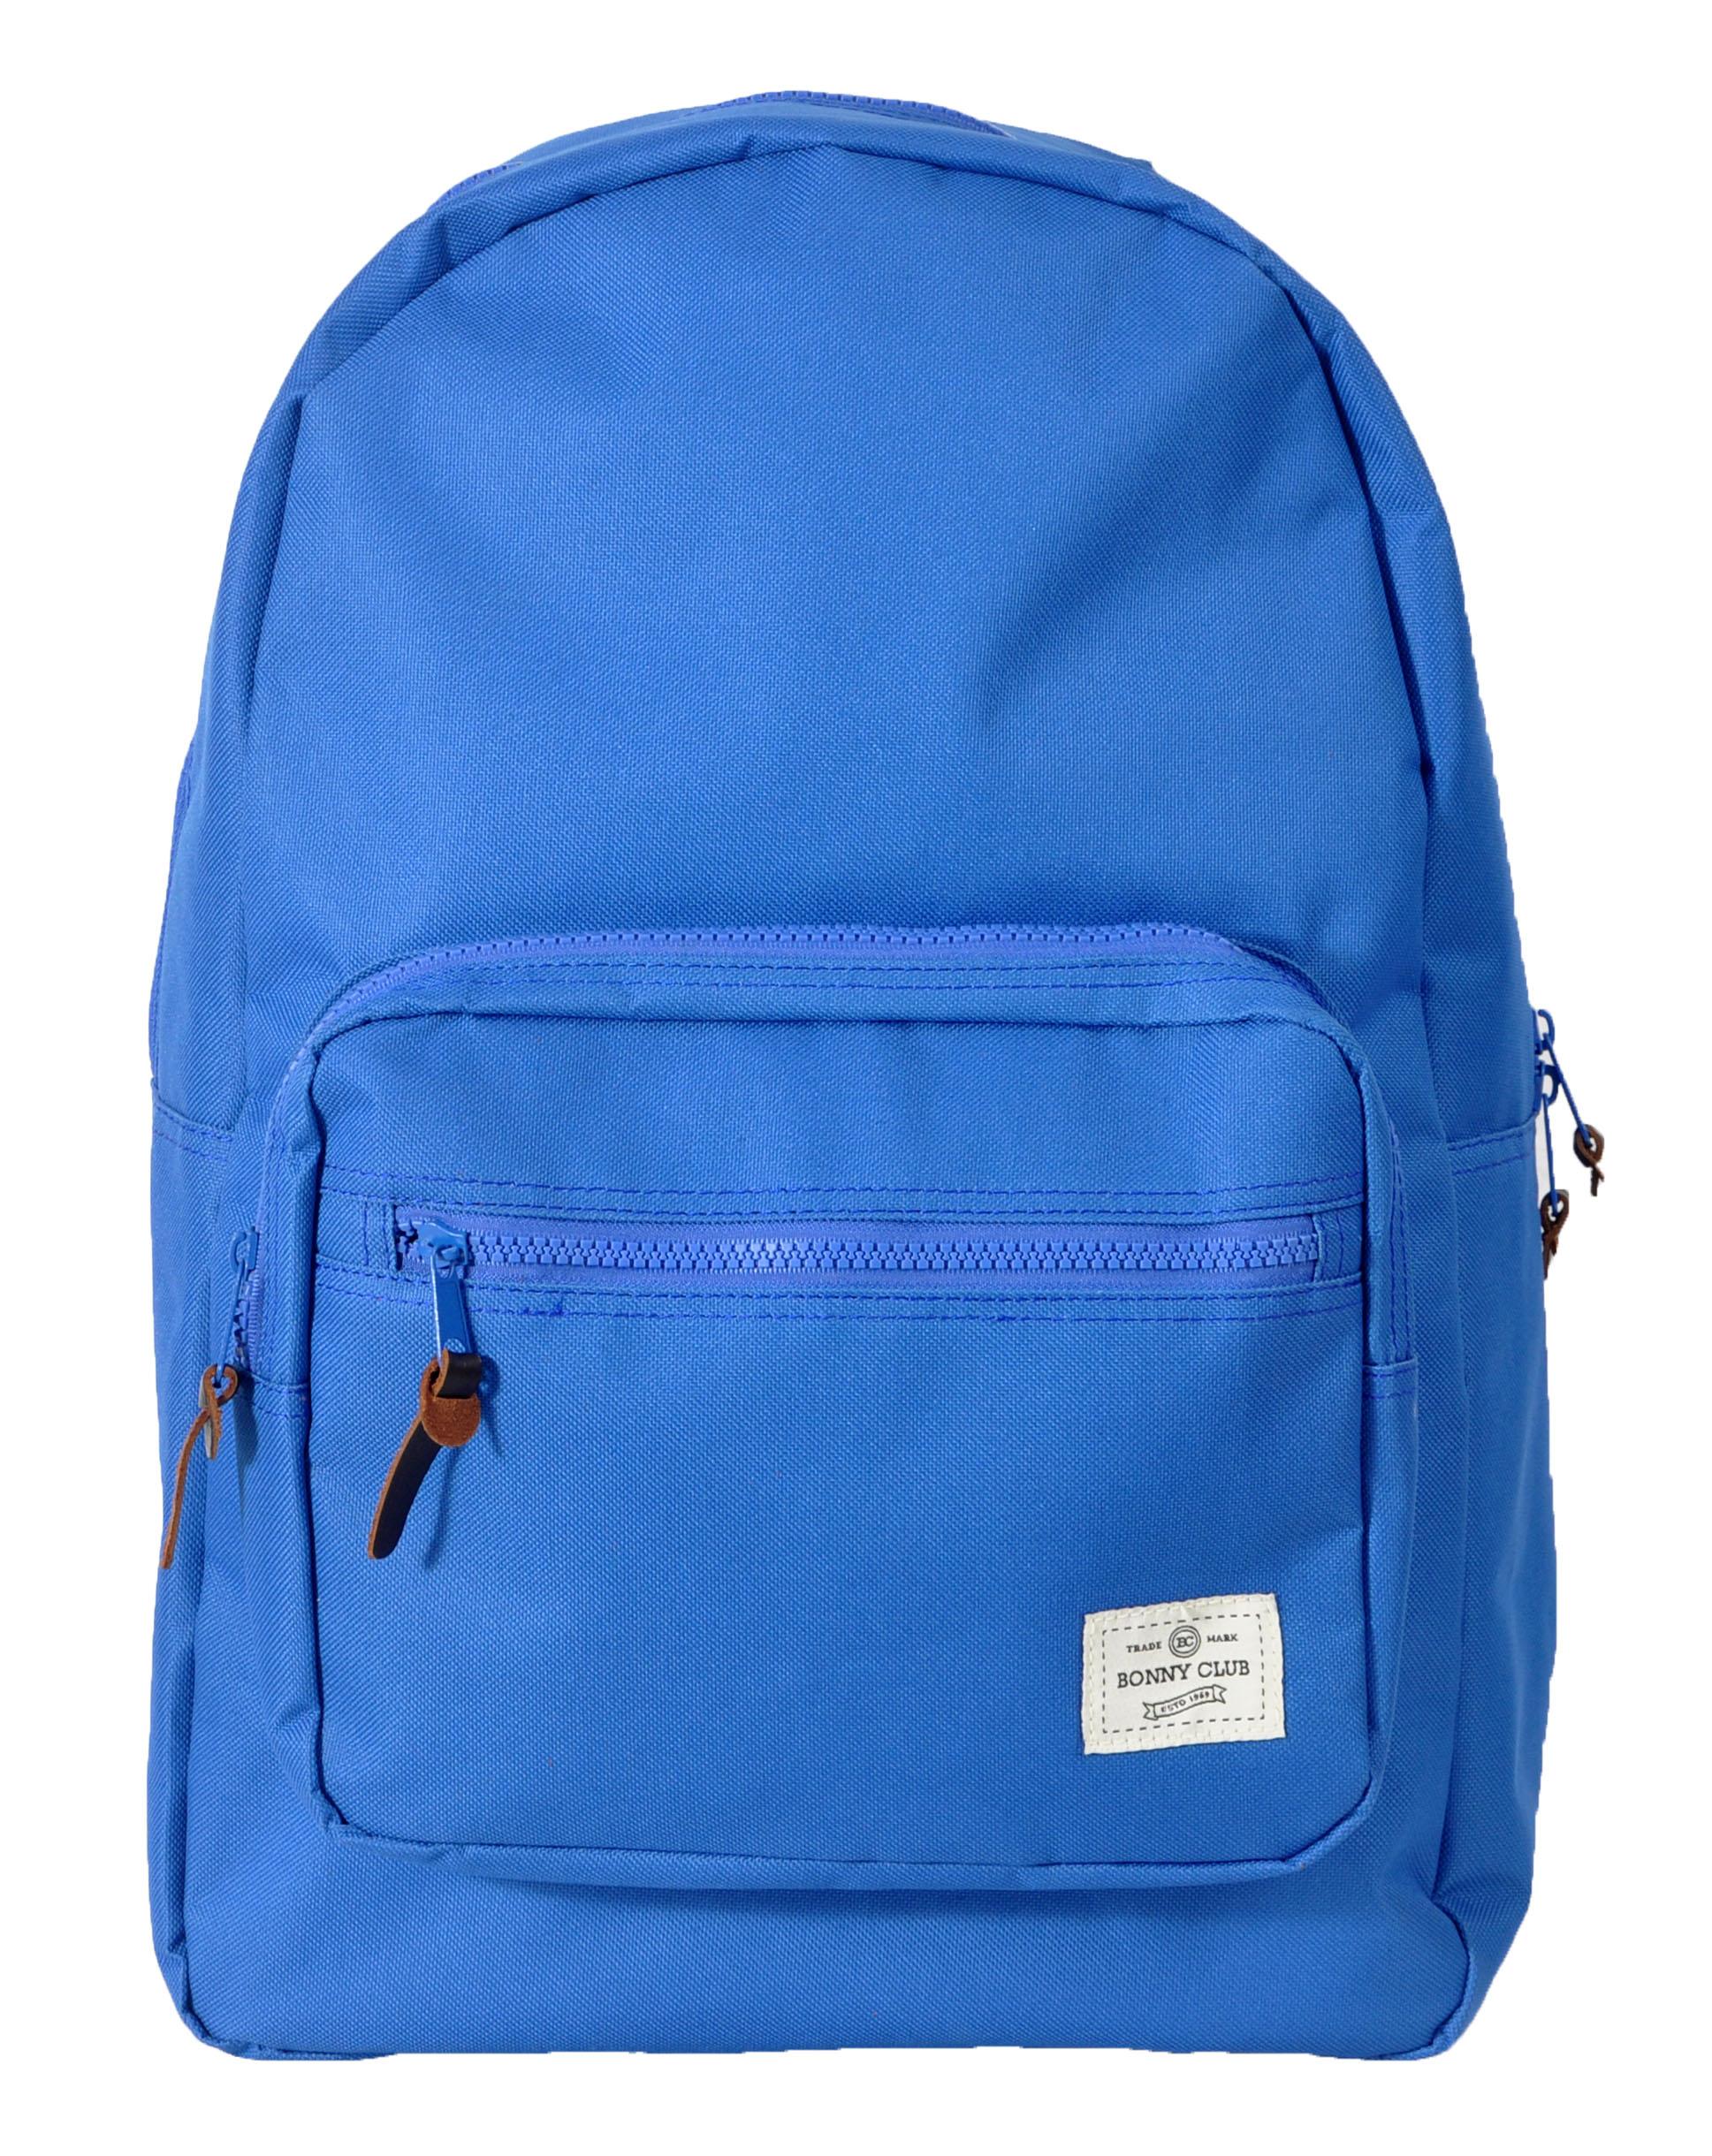 Bonny กระเป๋าสะพายหลัง - สีน้ำเงิน